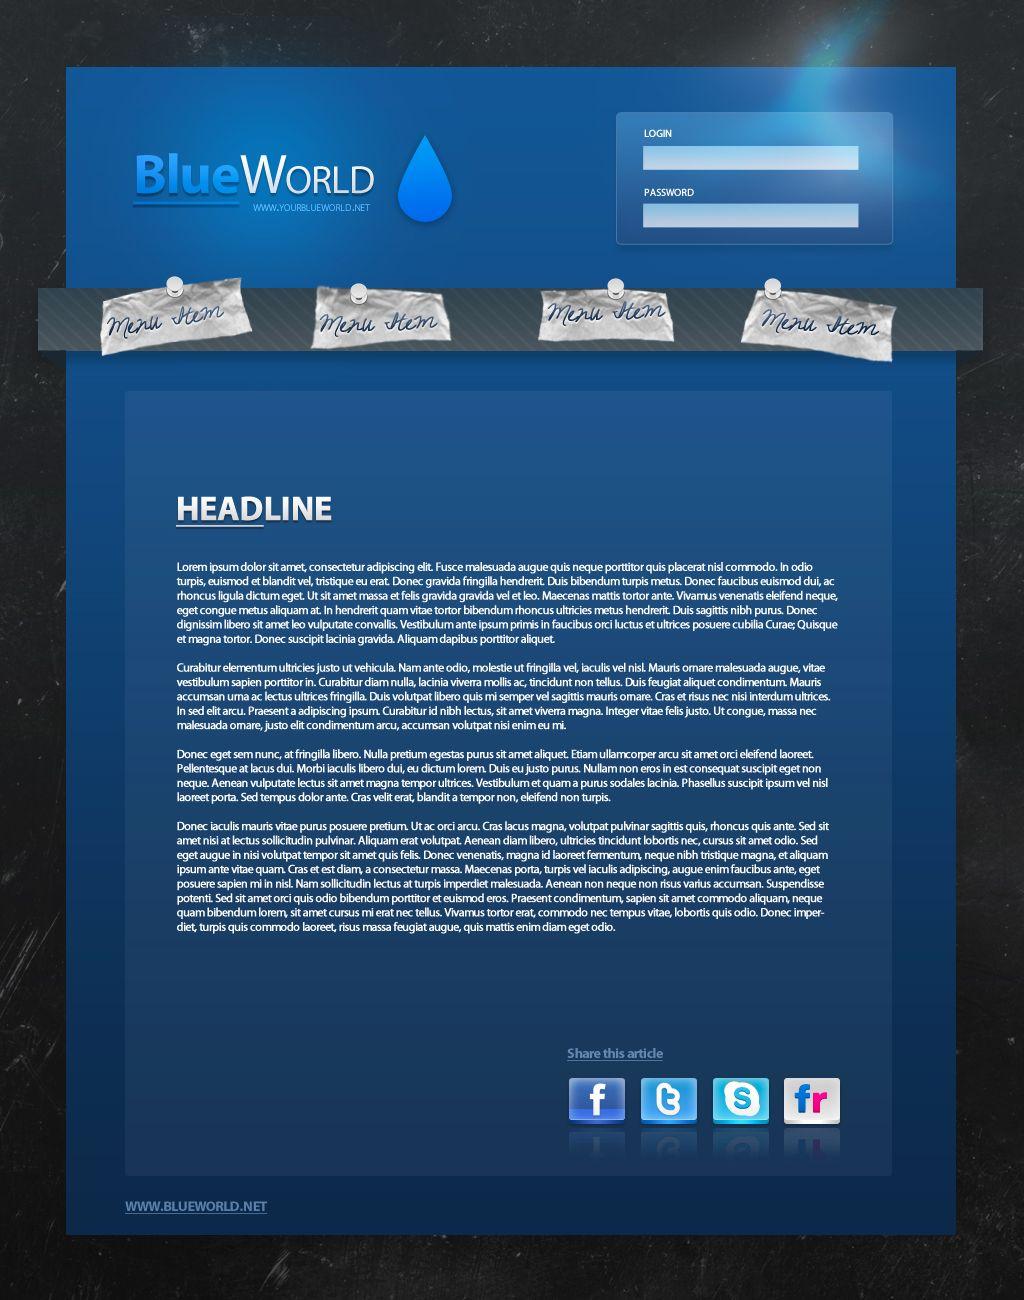 BlueWorld Website Template PSD by Martz90.deviantart.com on ...